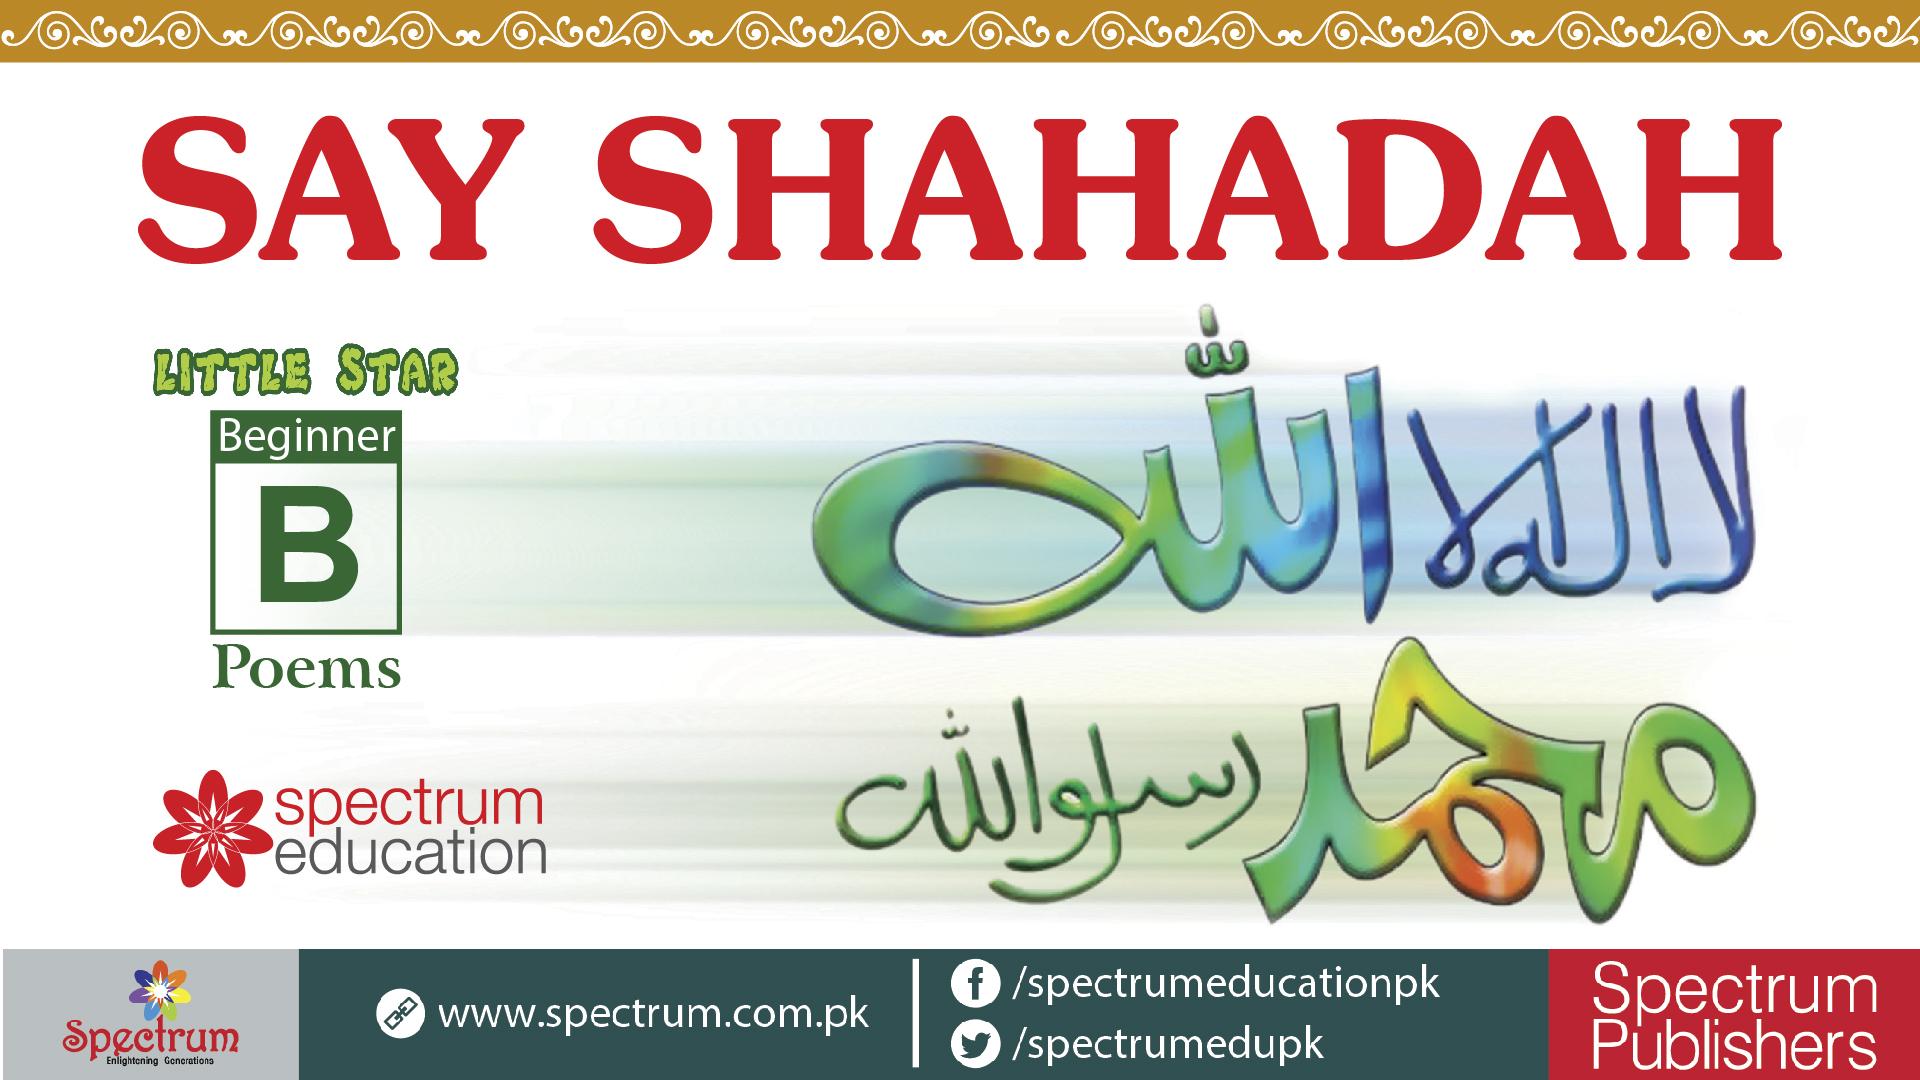 Say Shahadah